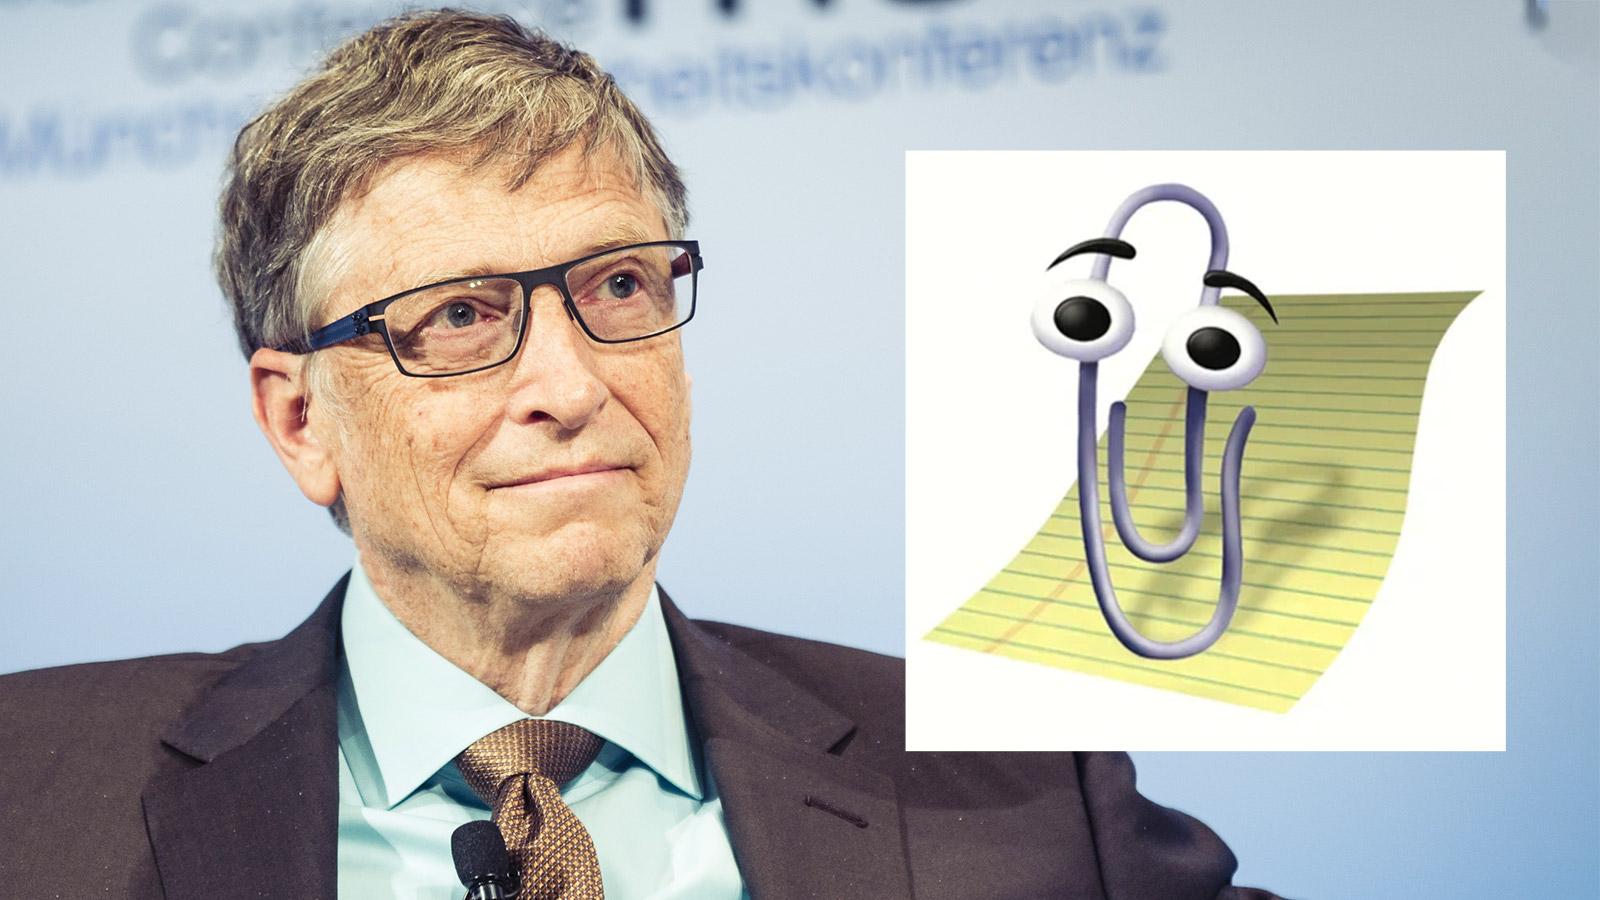 Nach-Scheidung-Bill-Gates-darf-B-roklammer-nur-mehr-jedes-zweite-Wochenende-sehen